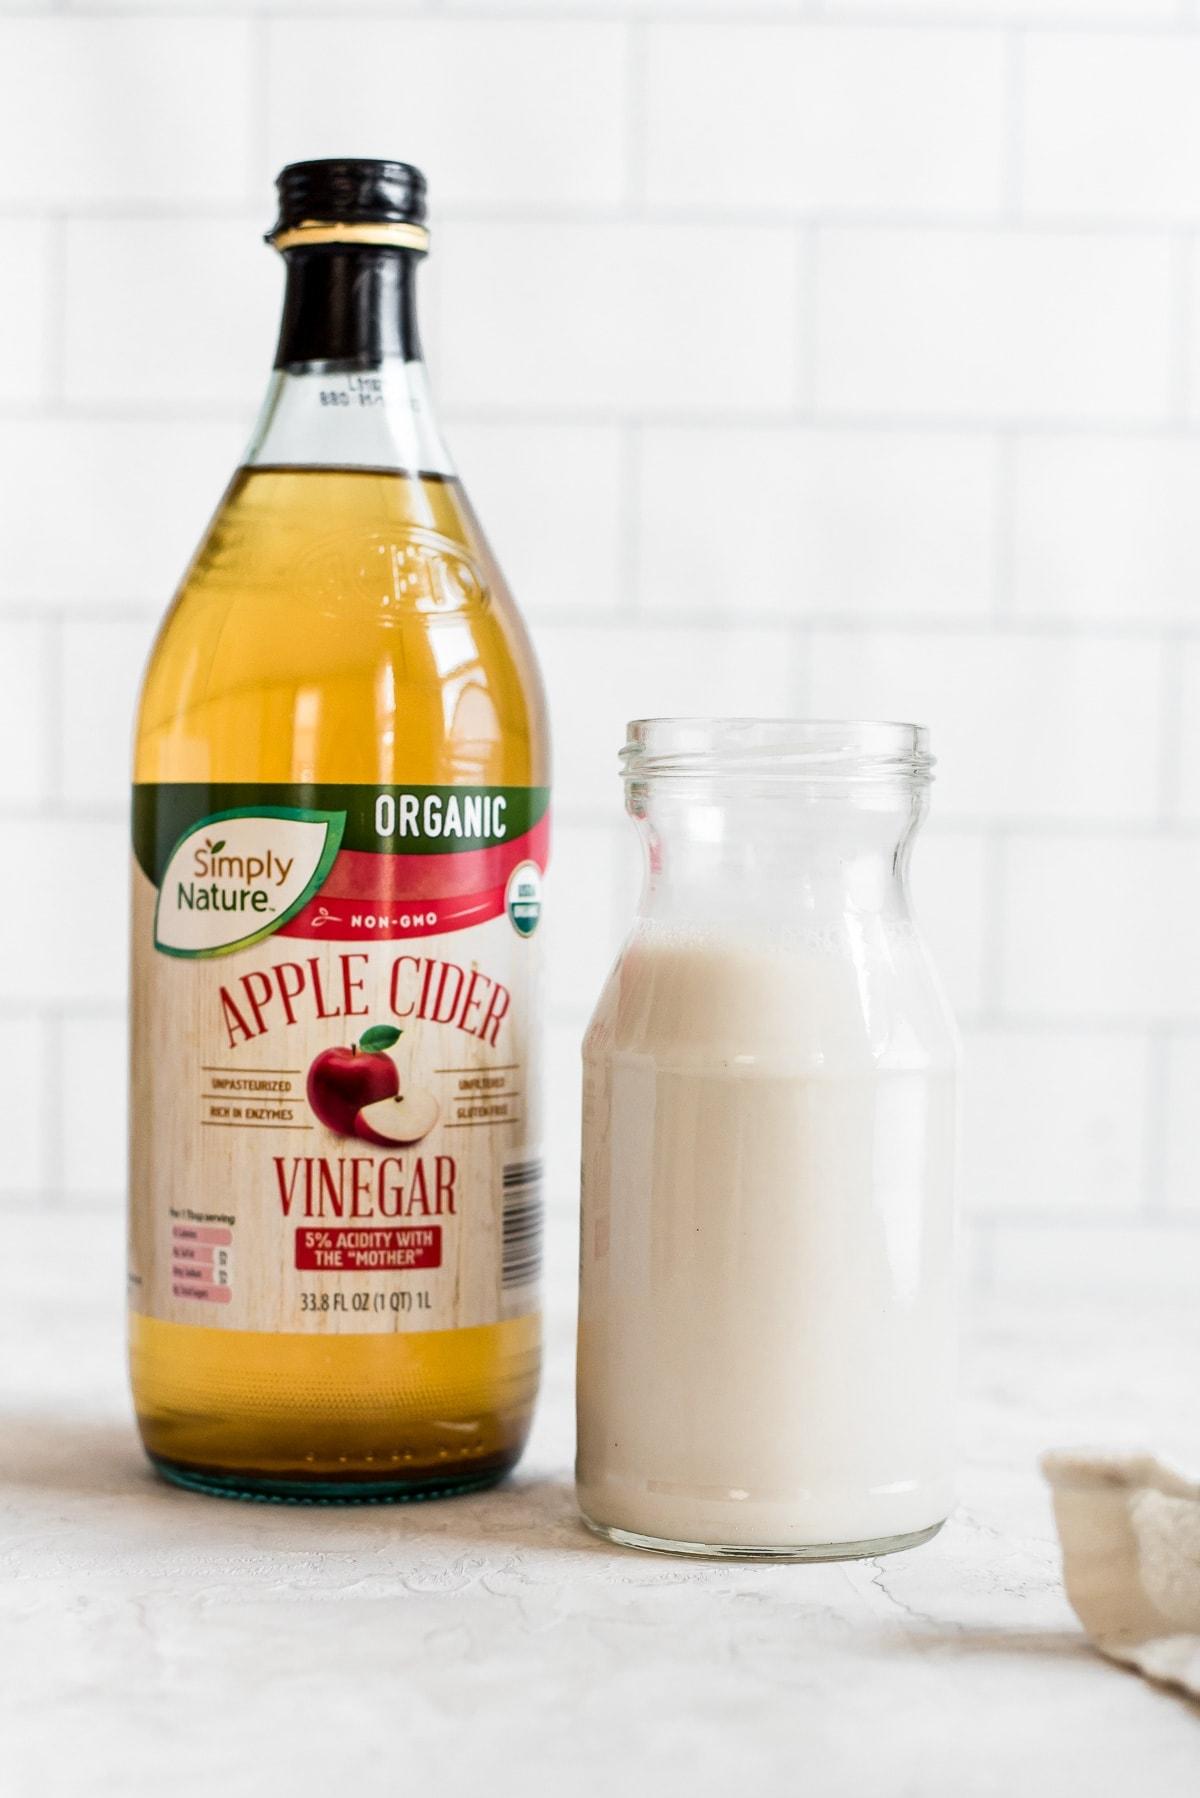 bottle of vinegar next to milk